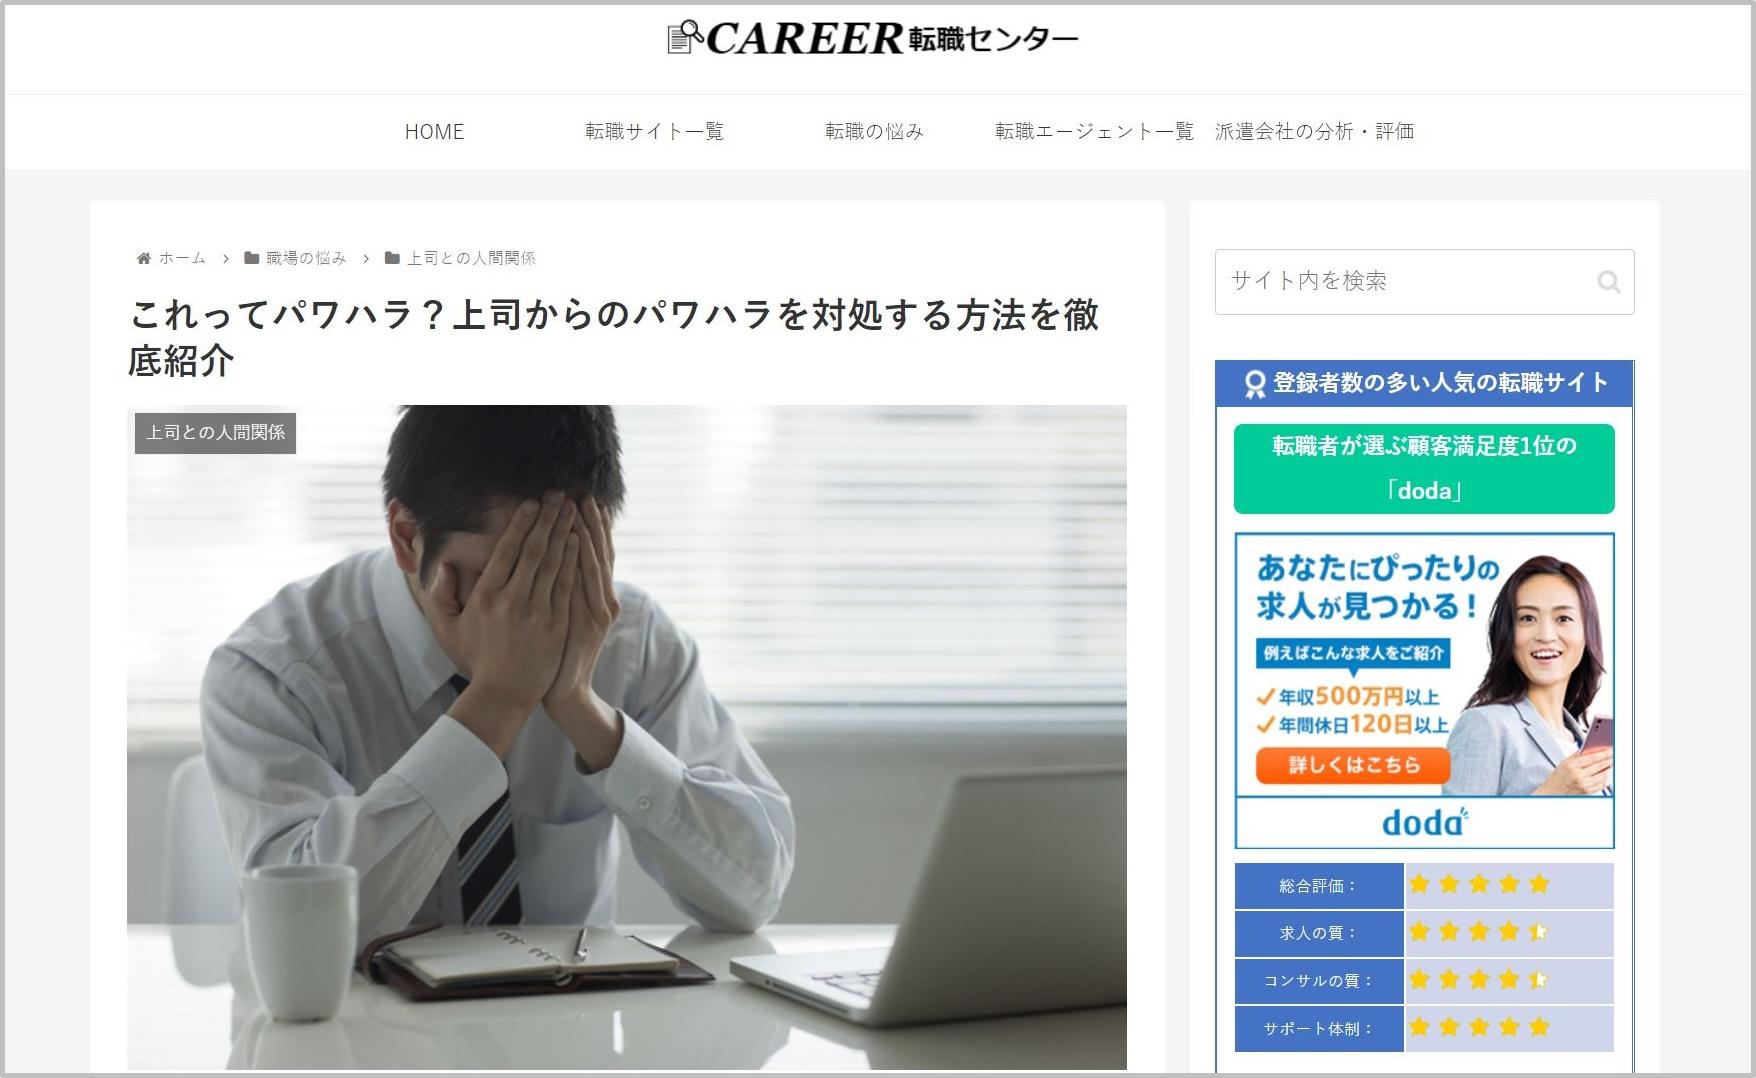 キャリア転職センター記事